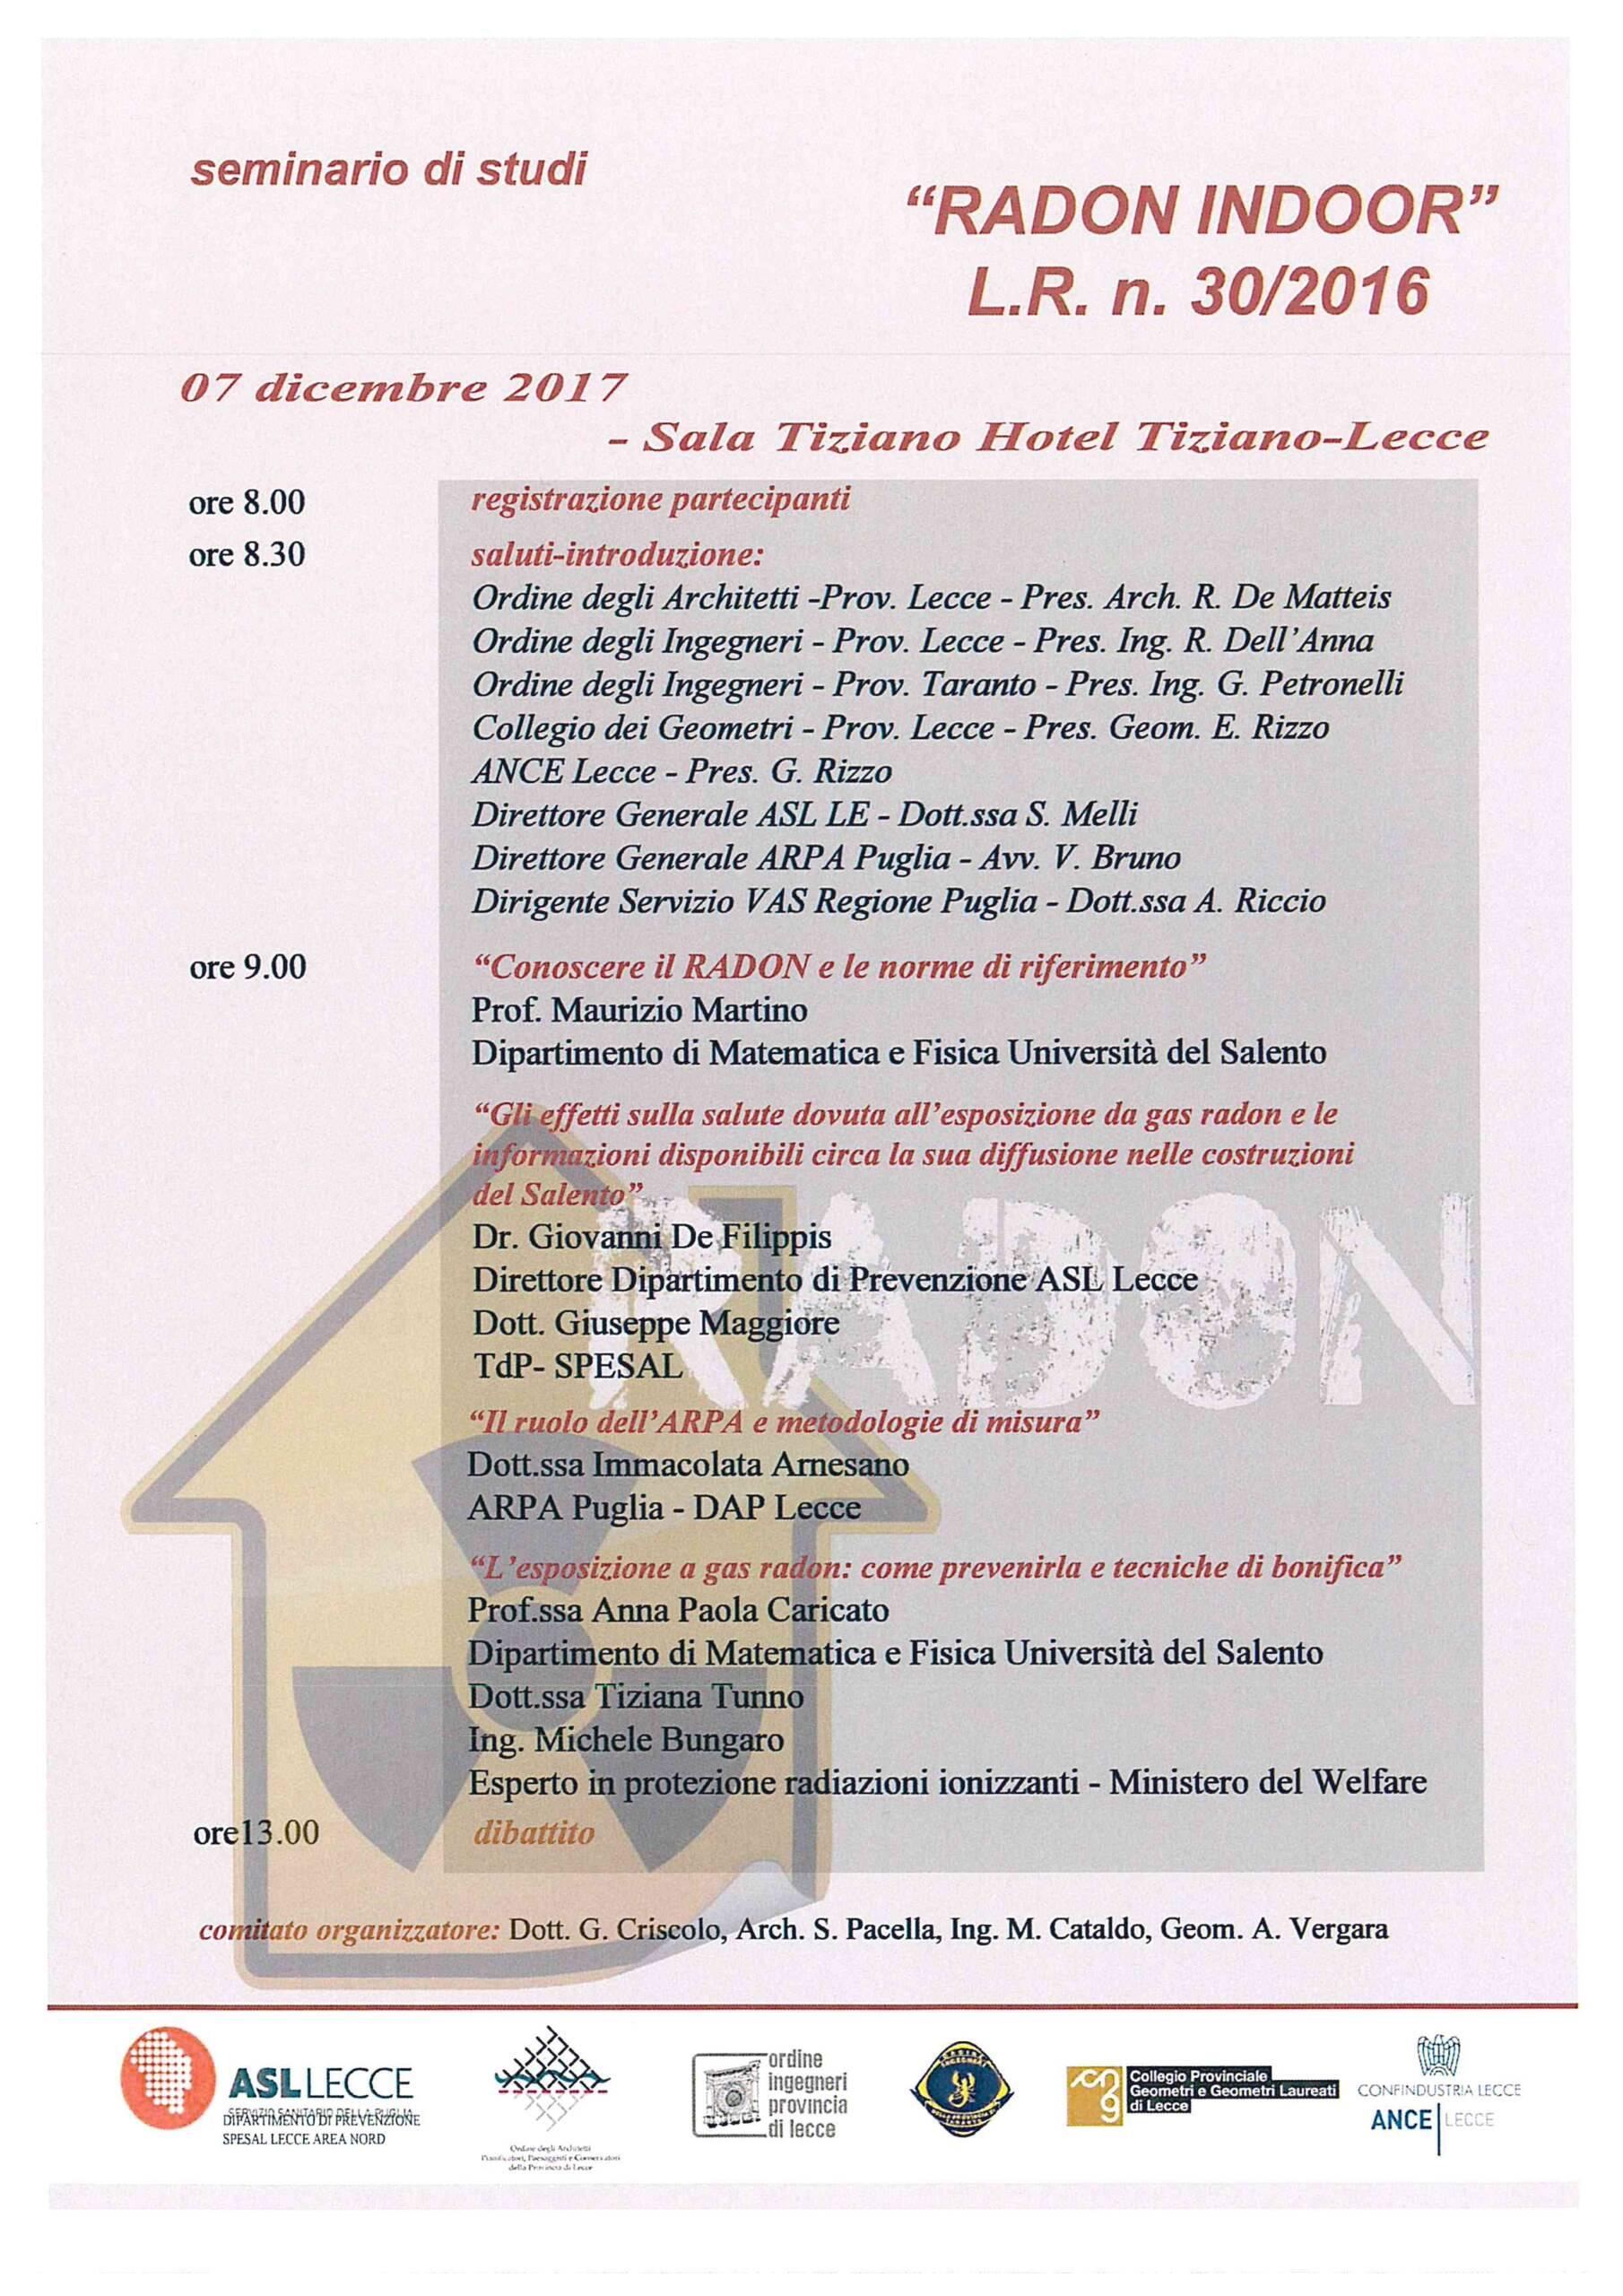 """Seminario di studi """"RADON INDOOR"""" L.R. n. 30/2016 – Lecce 07/12/2017"""